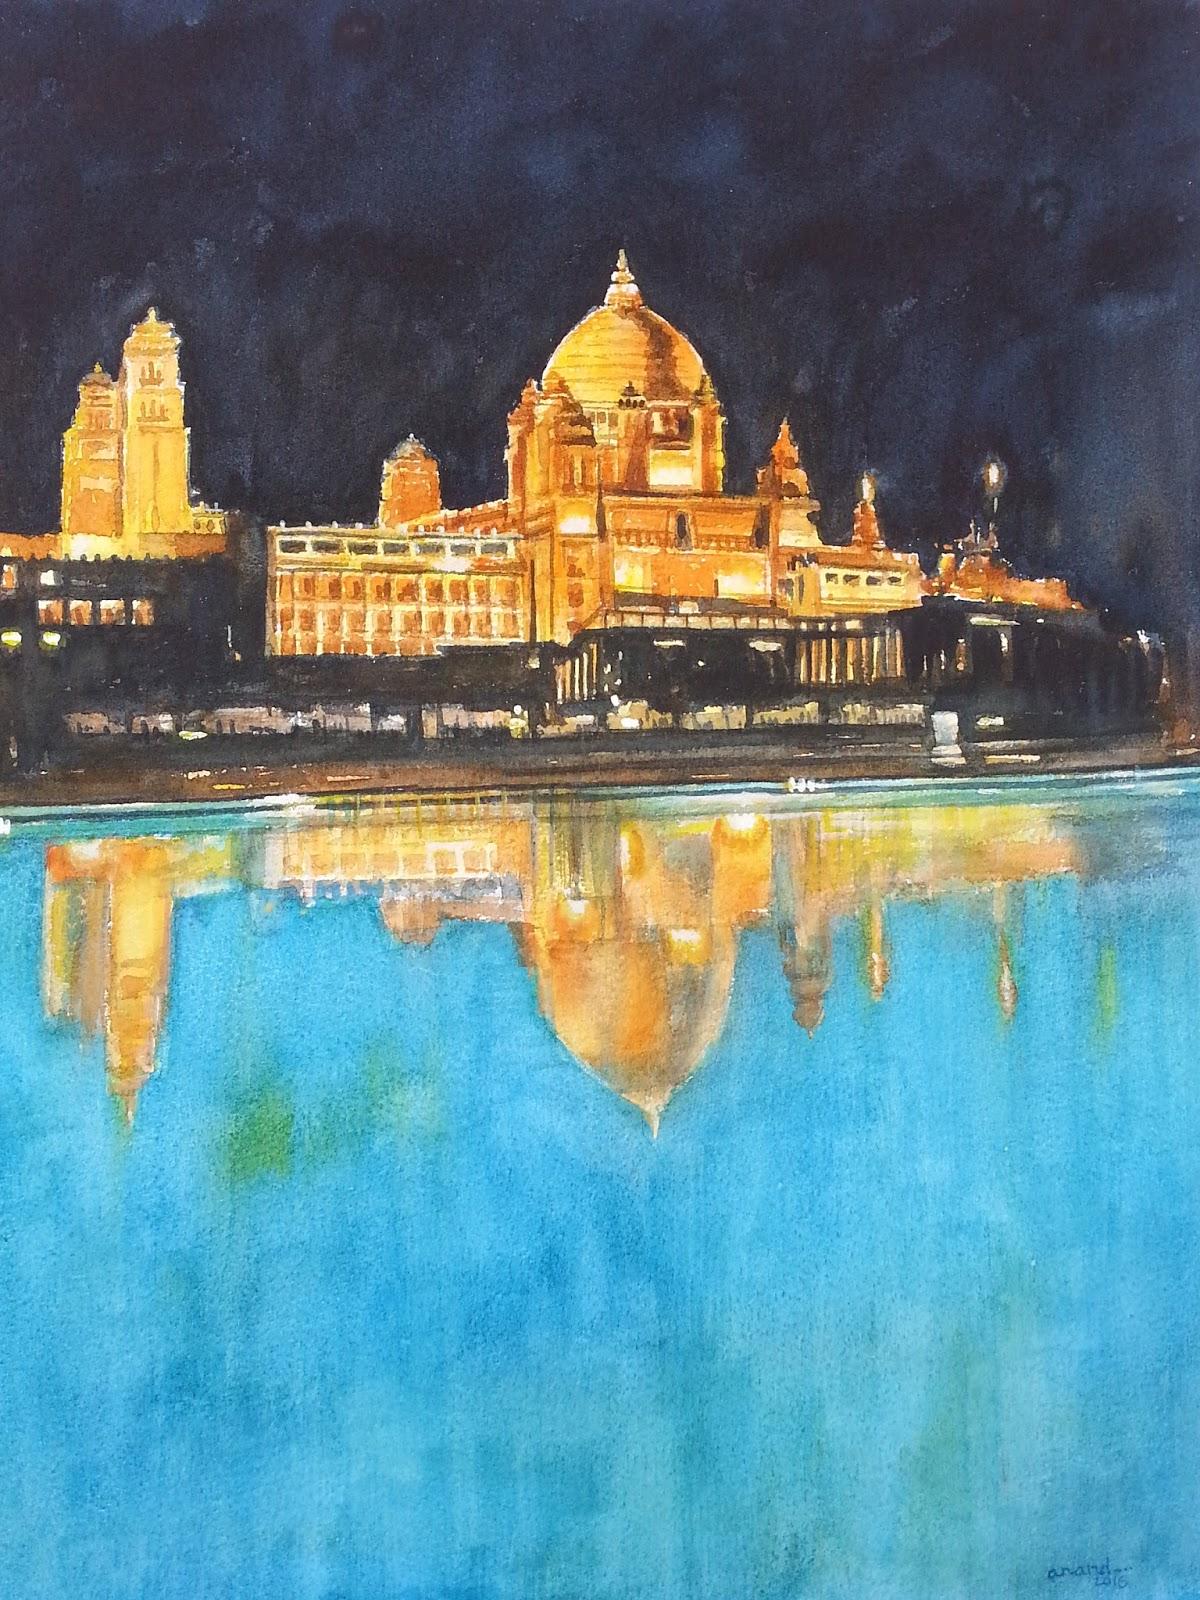 Umaid Bhavan